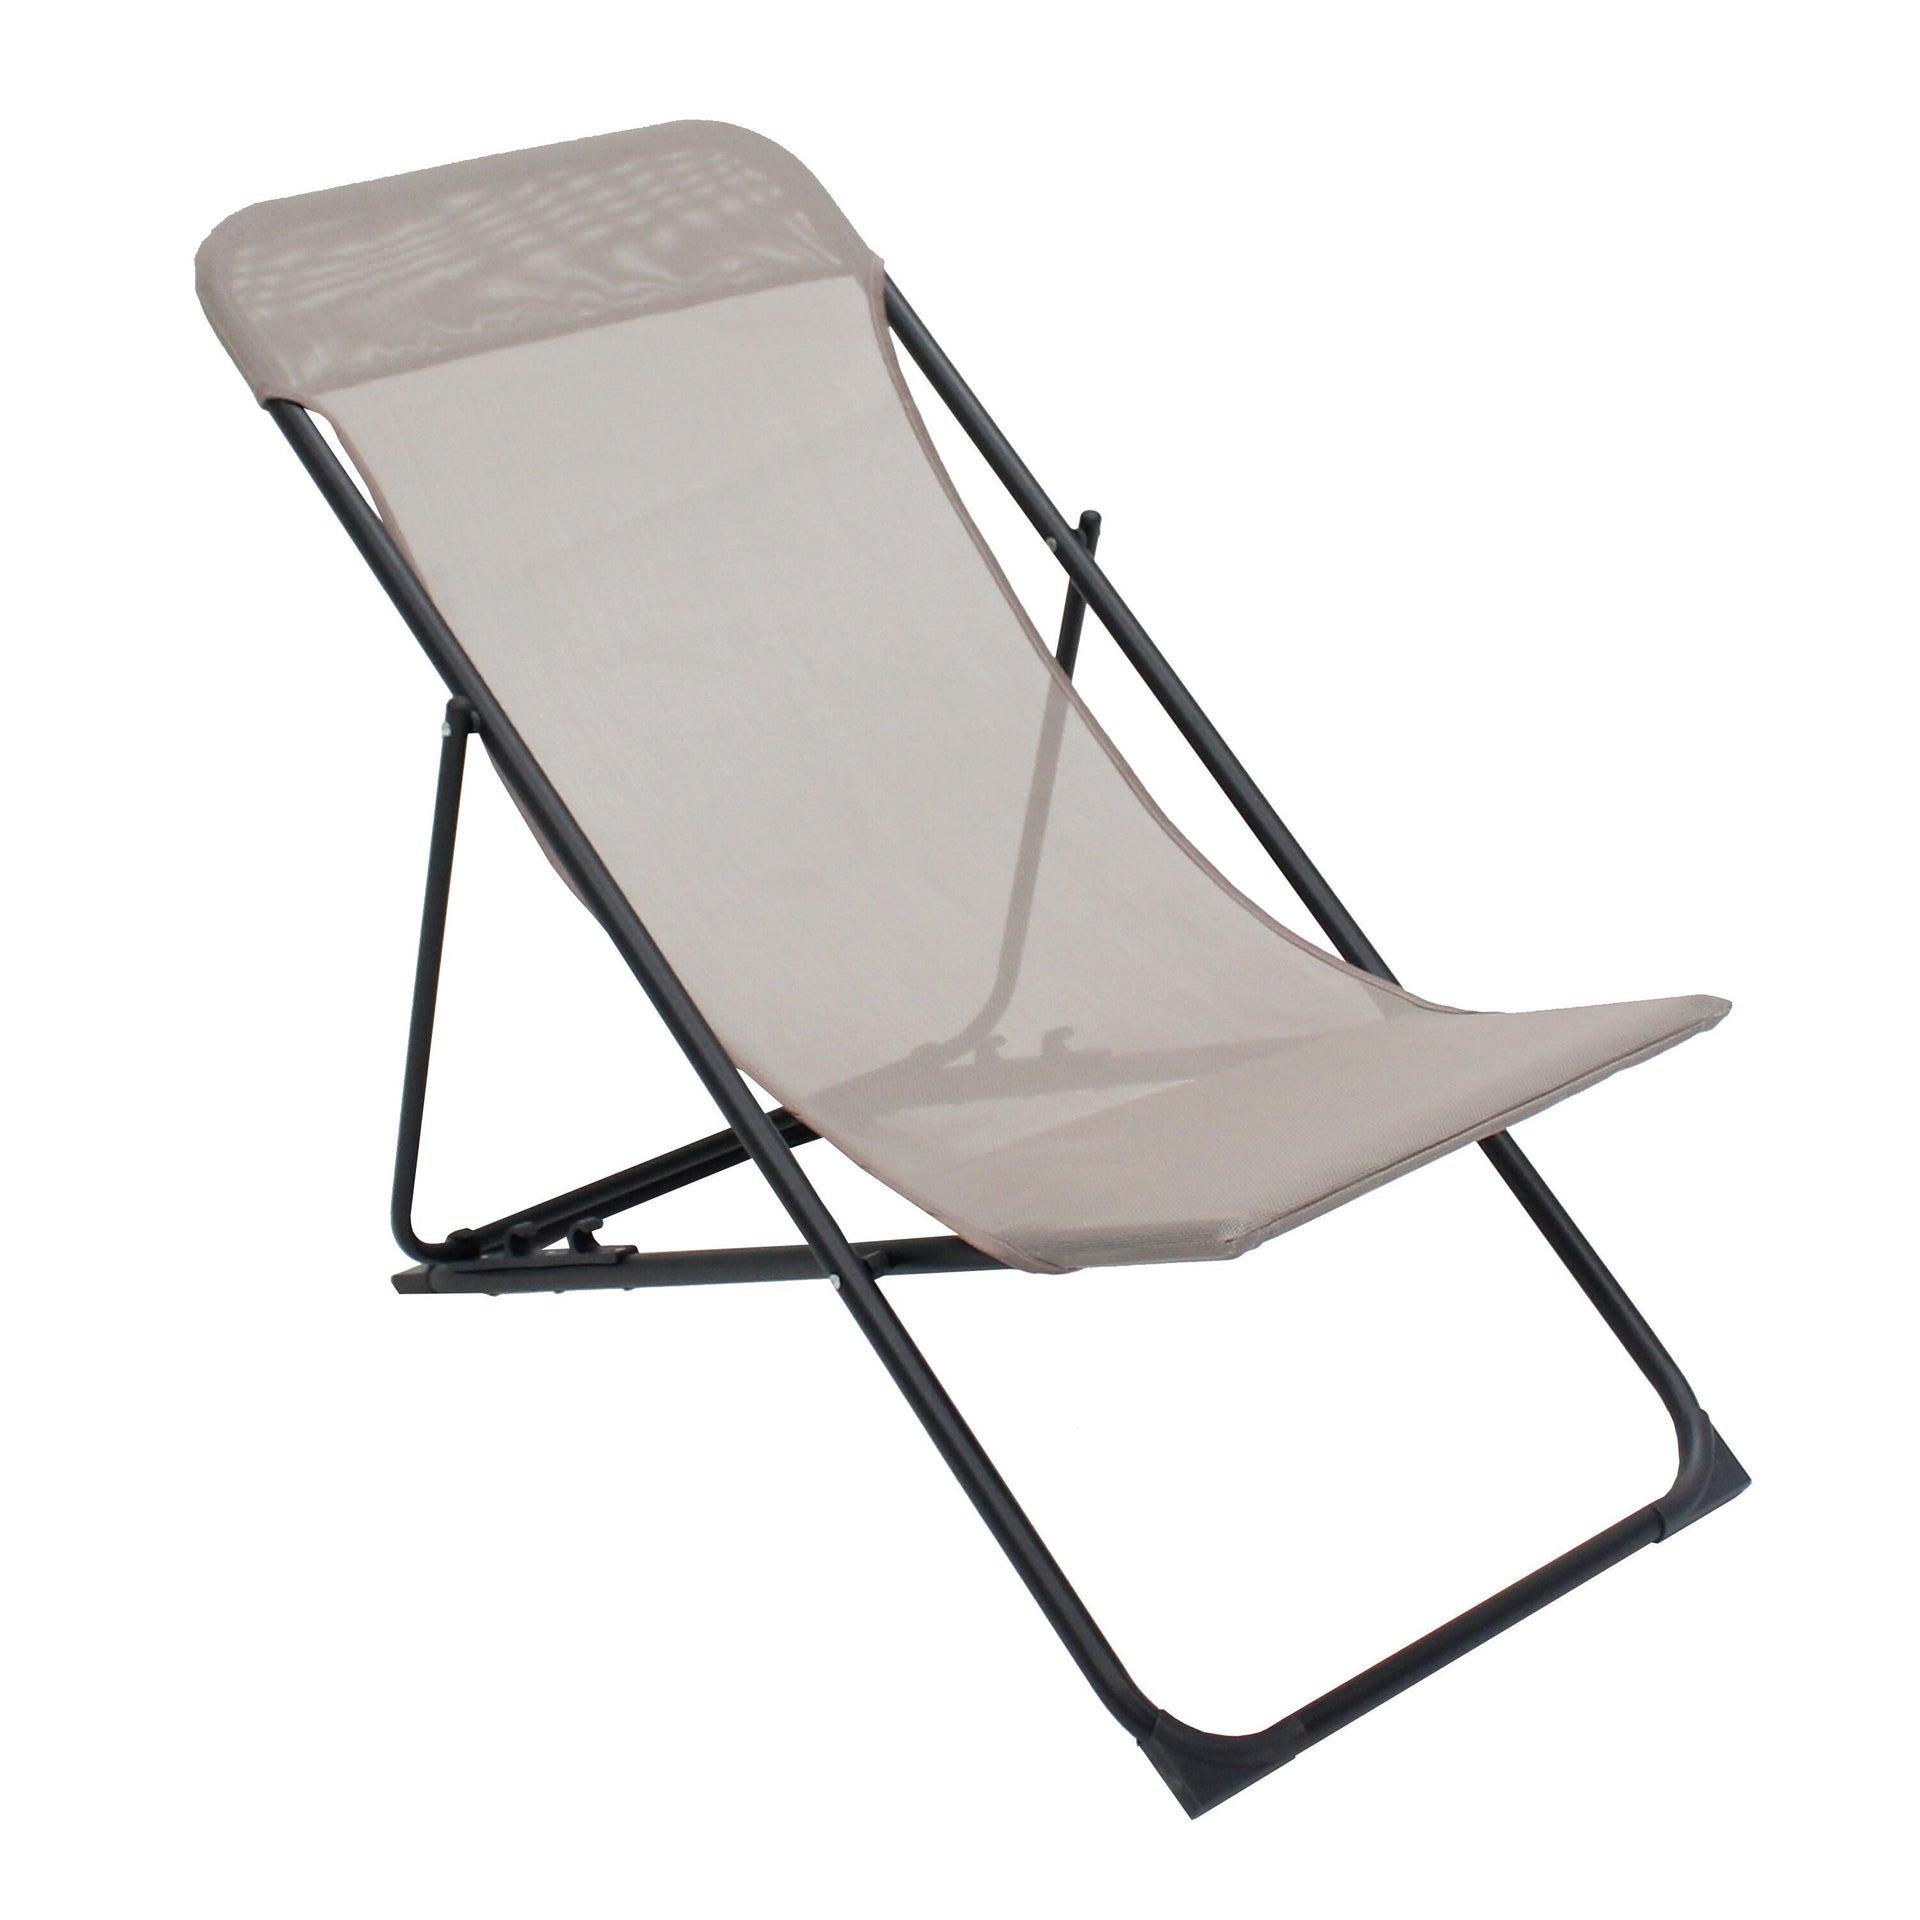 Sedia da giardino senza cuscino pieghevole in acciaio Biganos colore antracite/tortora - 1